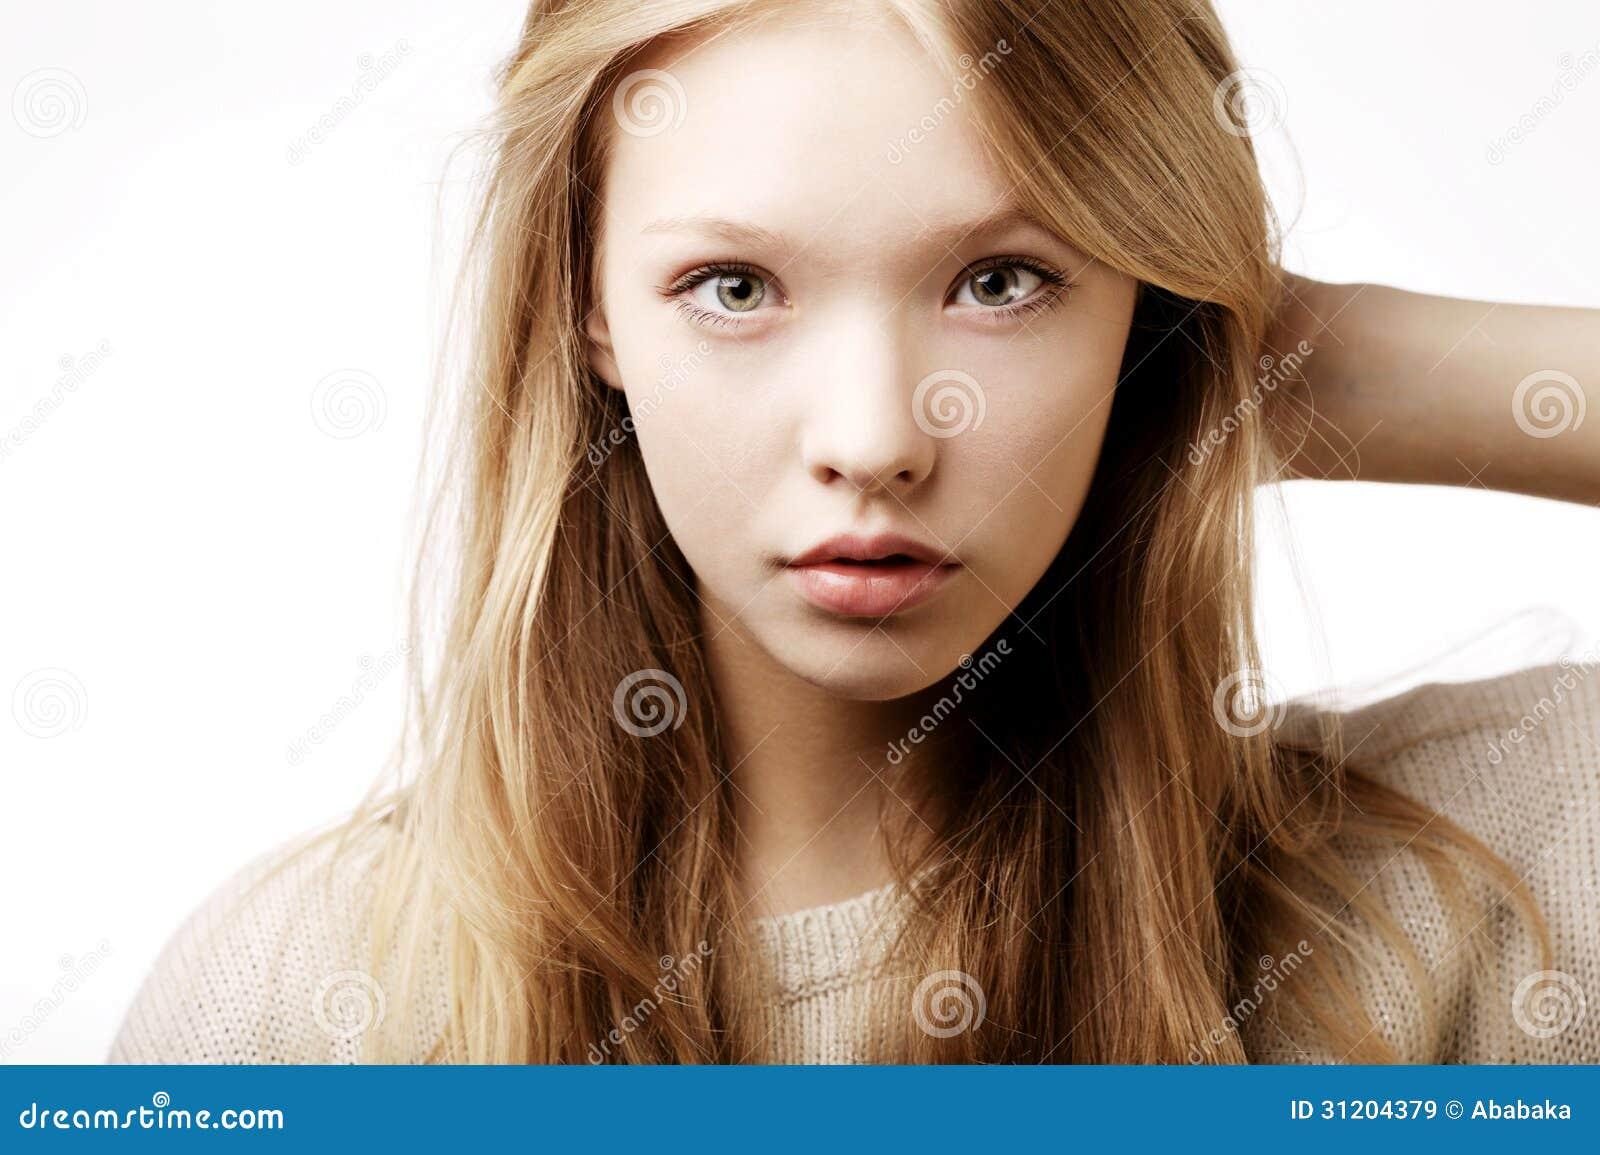 Фото девочка в сперме 14 фотография